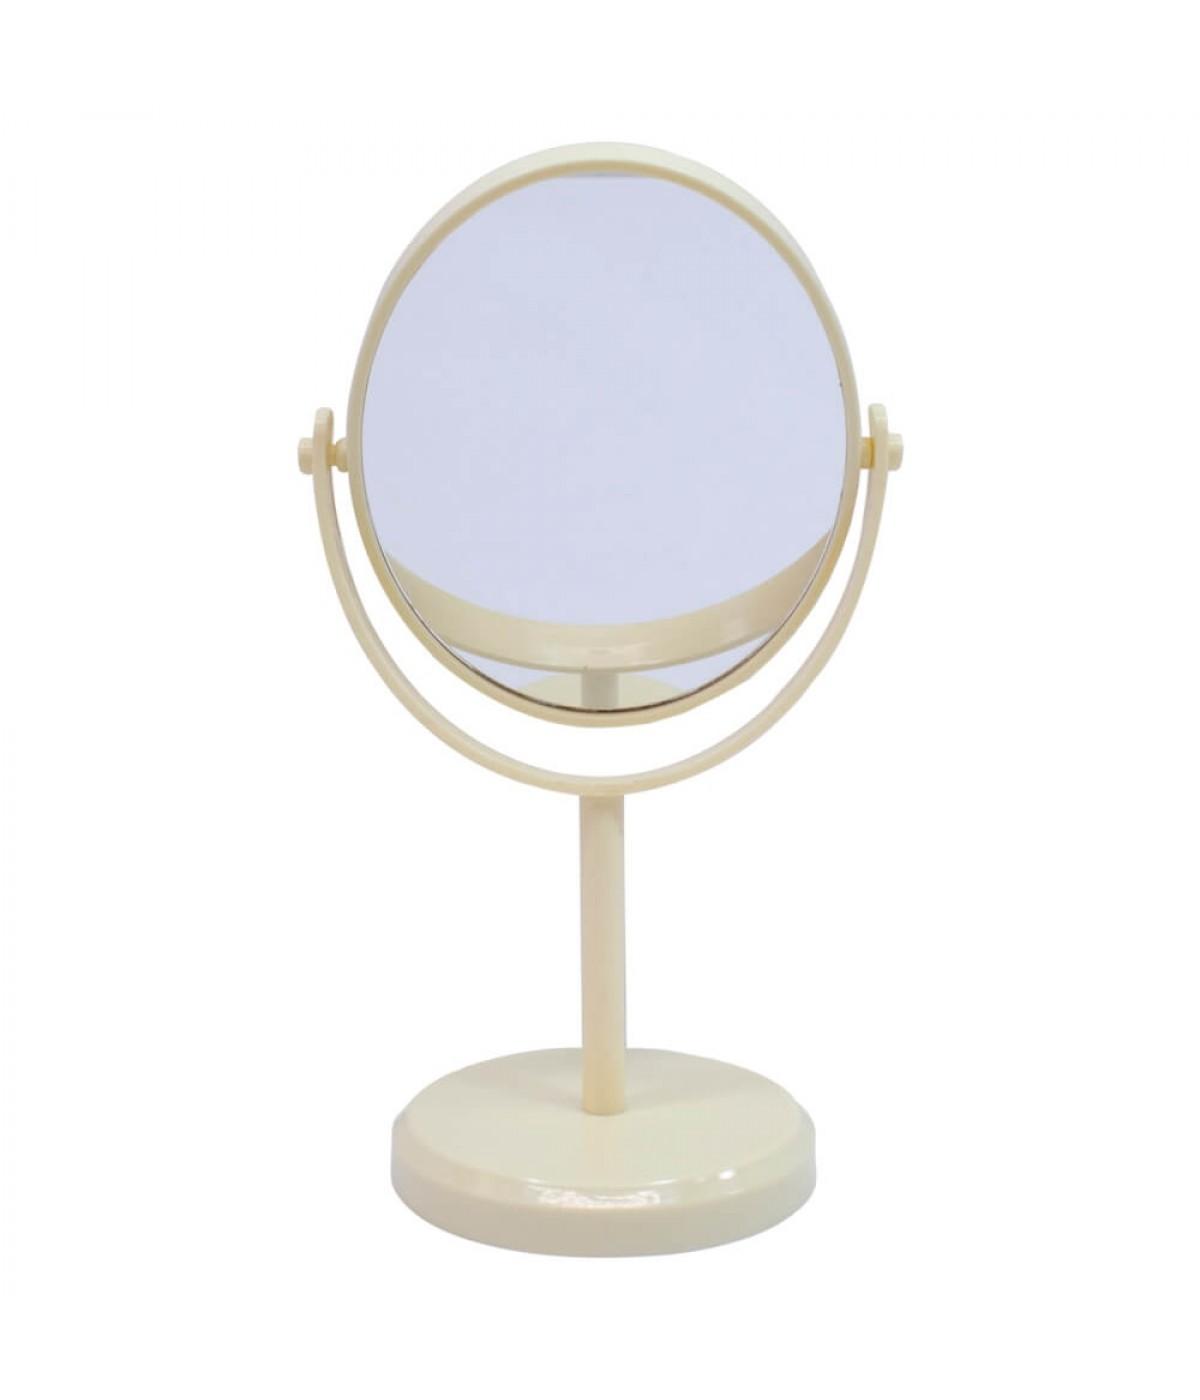 Espelho De Mesa Oval Amarelo Dupla Face 30cm